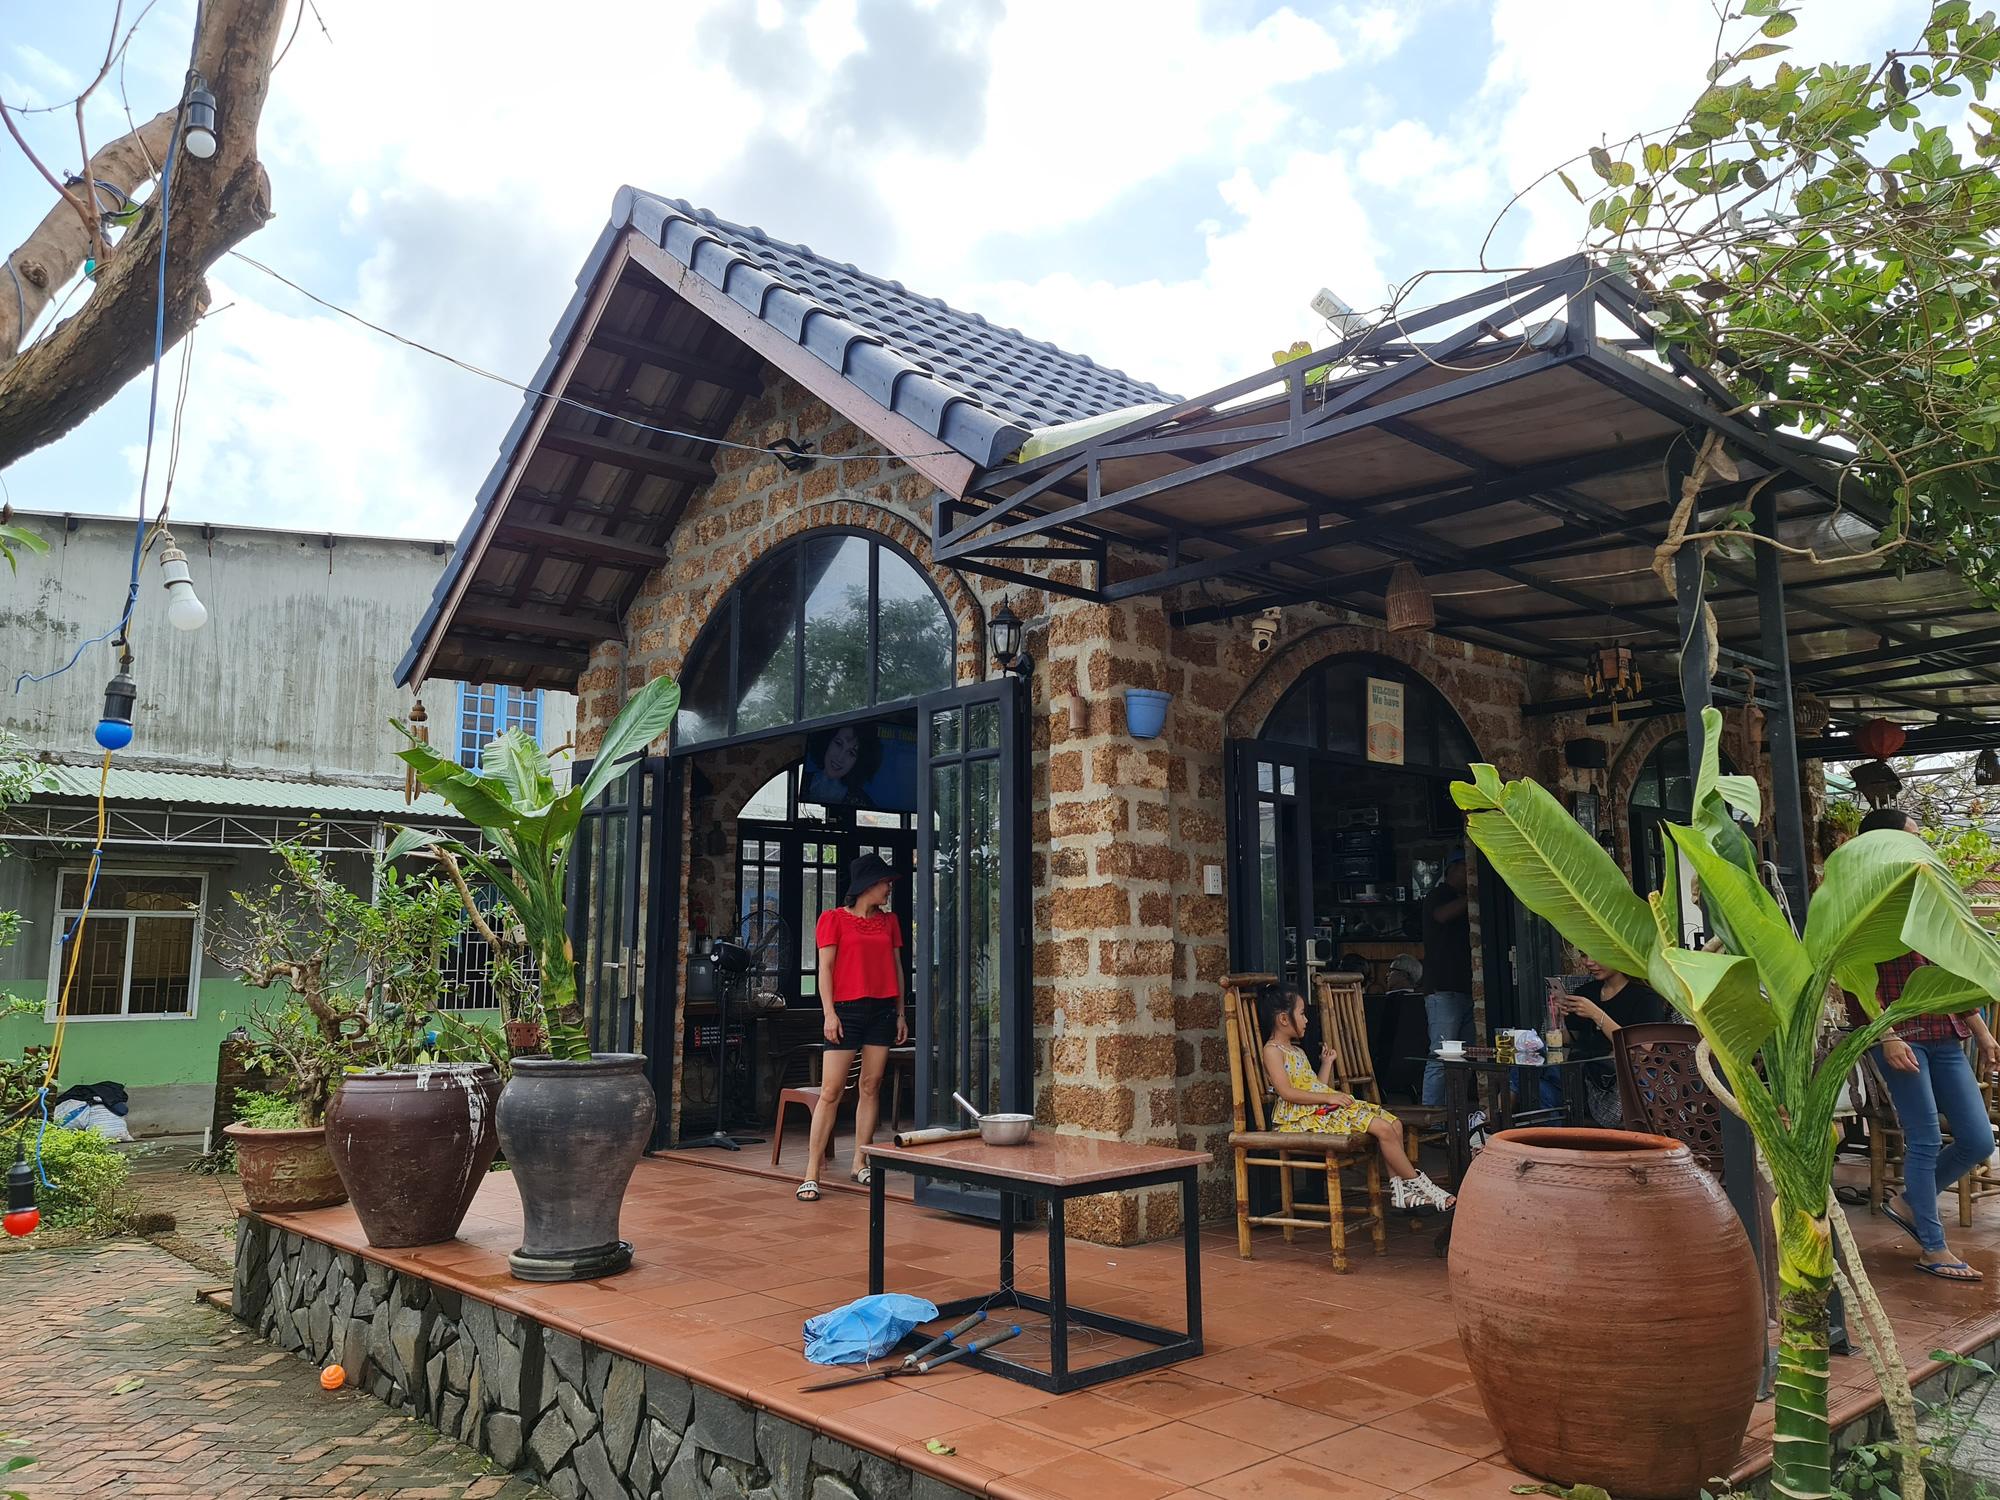 Quảng Nam: Nhứt mắt với quán cà phê bằng đá ong và toàn đồ bỏ đi - Ảnh 11.